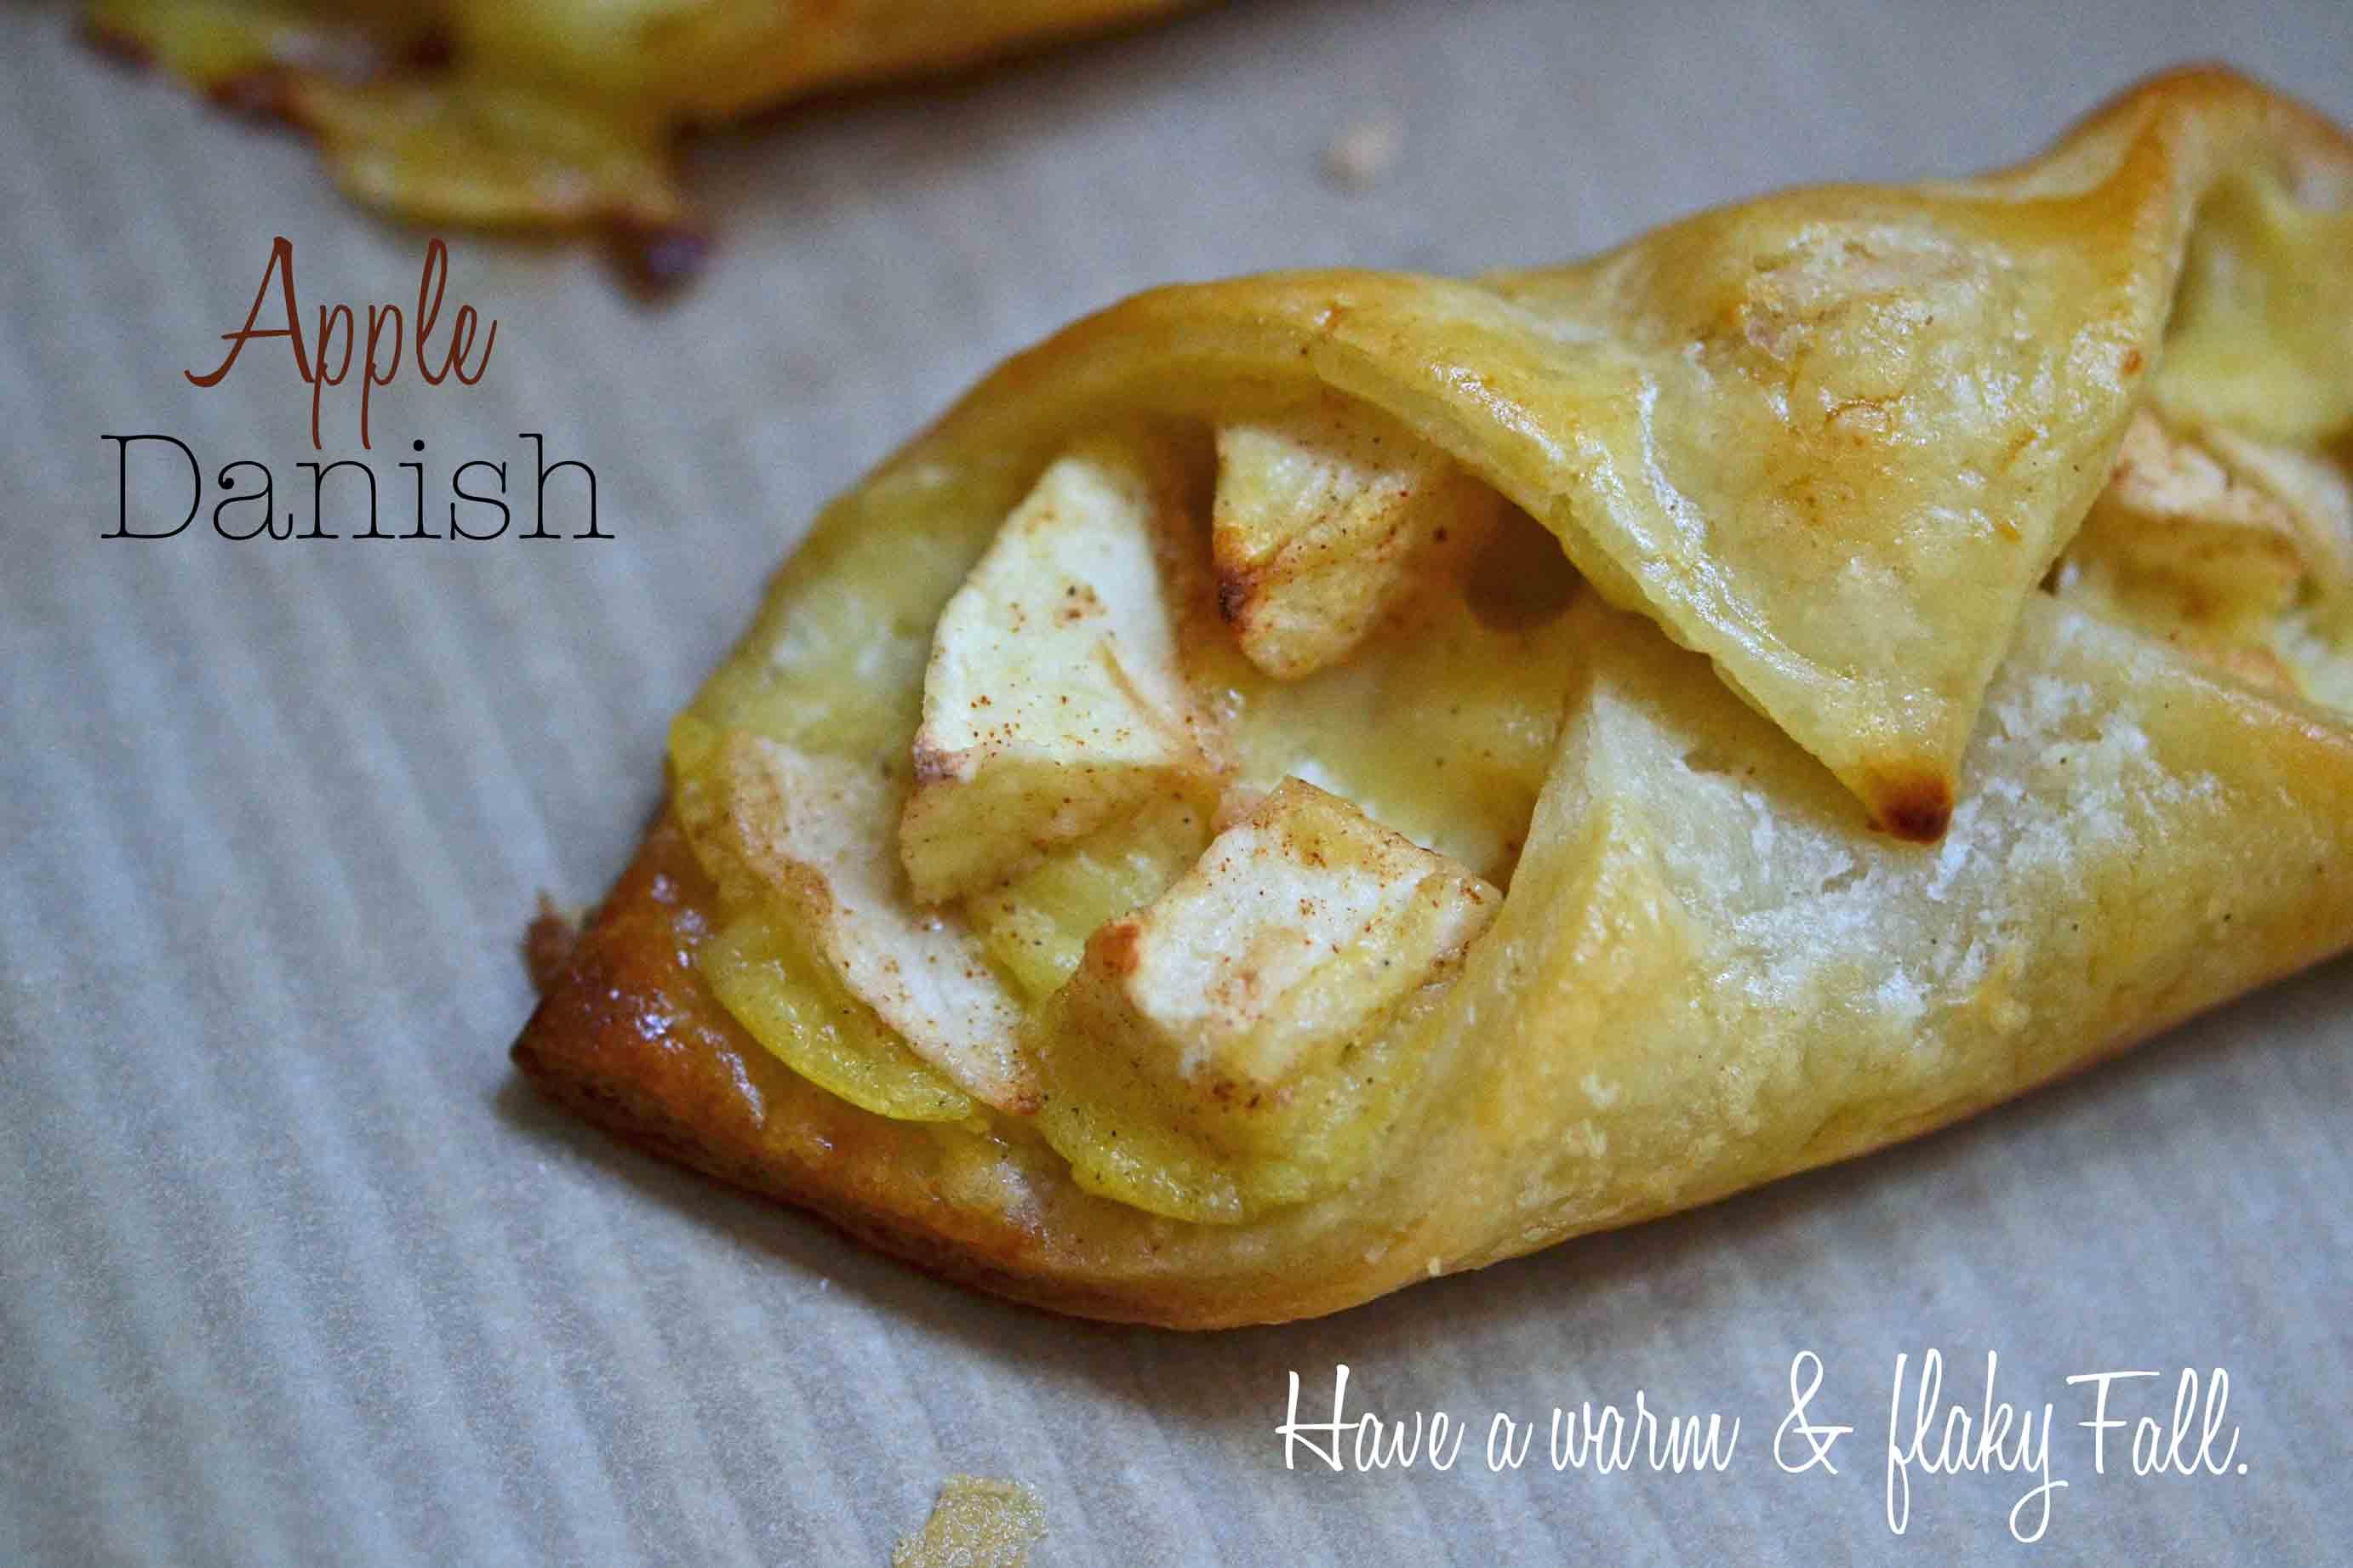 Apple Danish Recipe